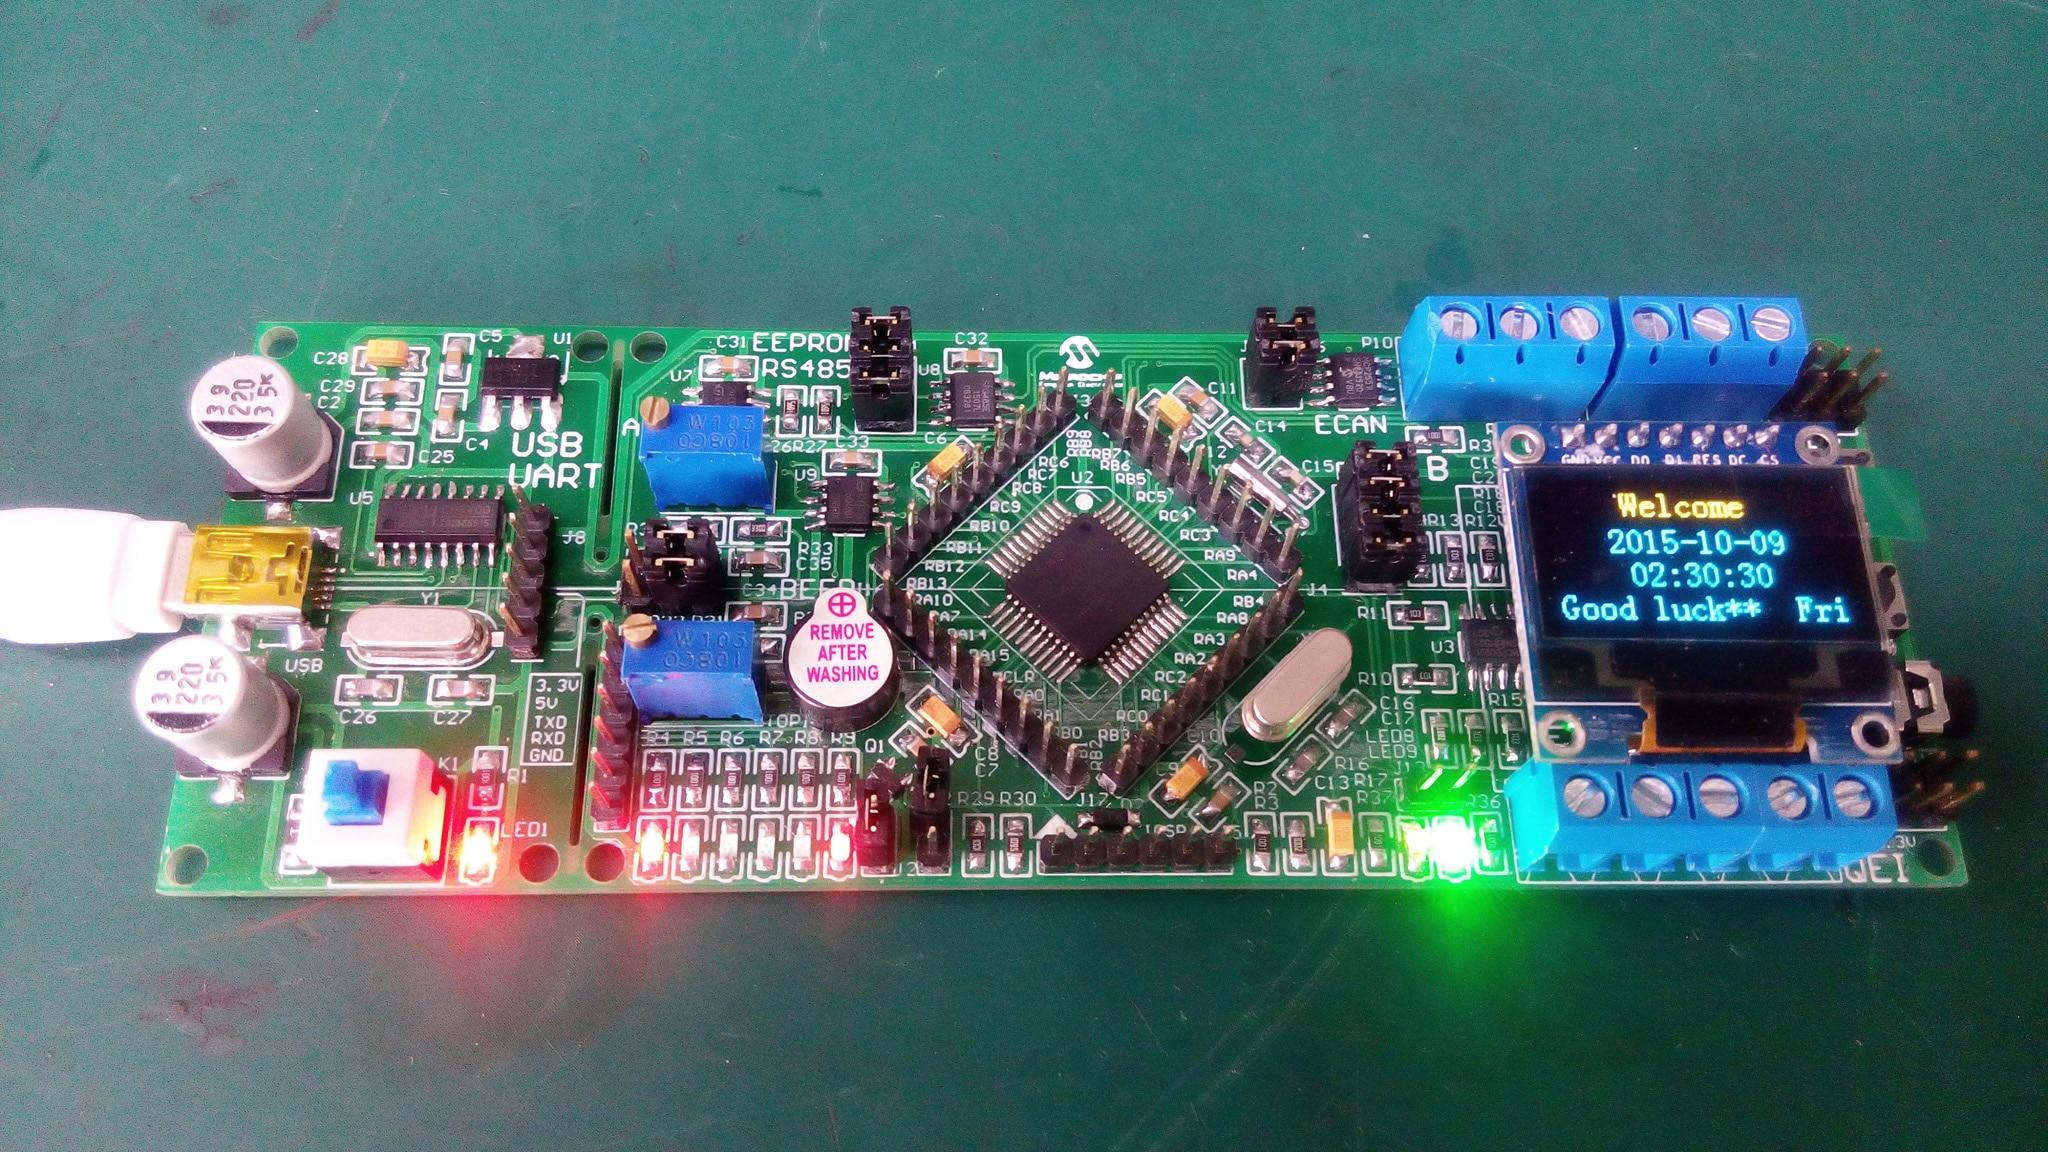 DsPIC development board dsPIC33FJ development board dsPIC33FJ128MC804 development board DSP experimental board w5500 development board the ethernet module ethernet development board